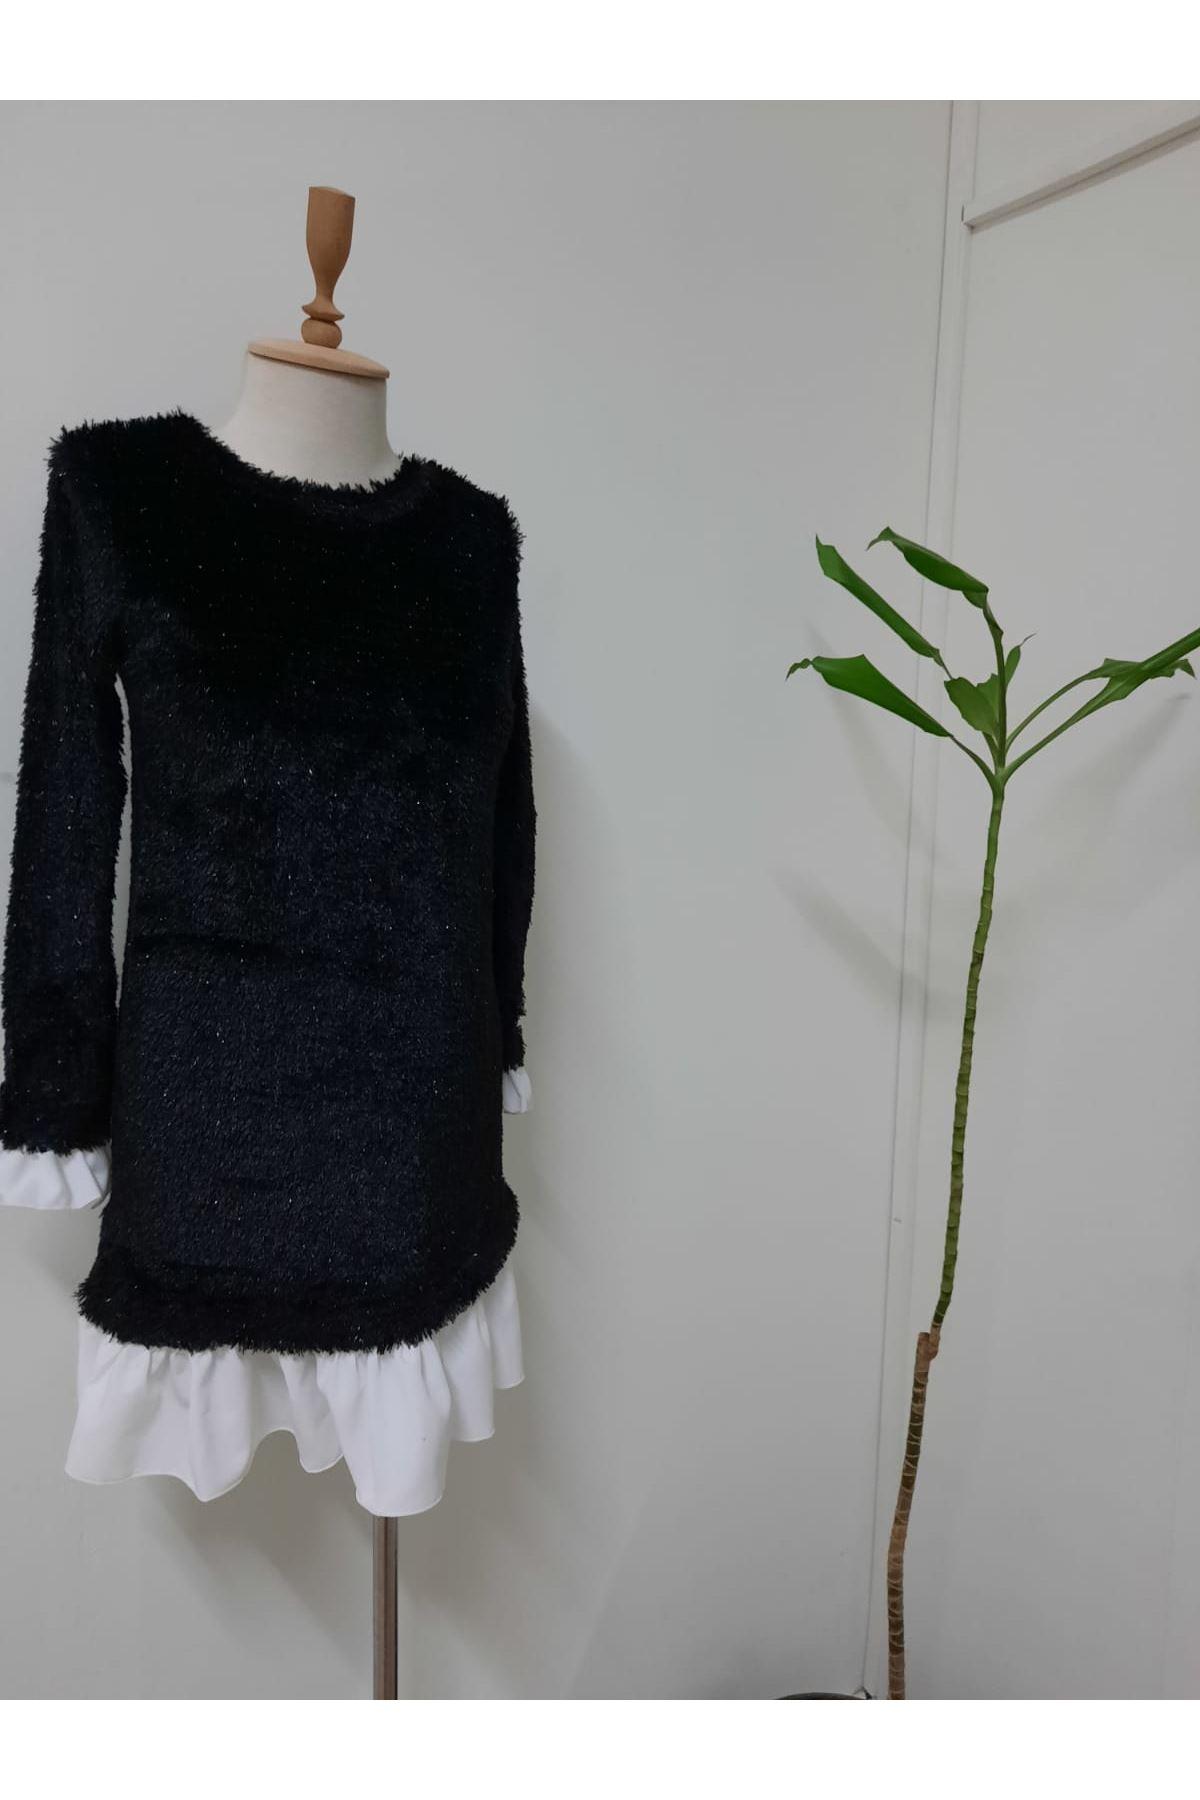 İthal Saçaklı Etek Ve Kol Detay Elbise - siyah